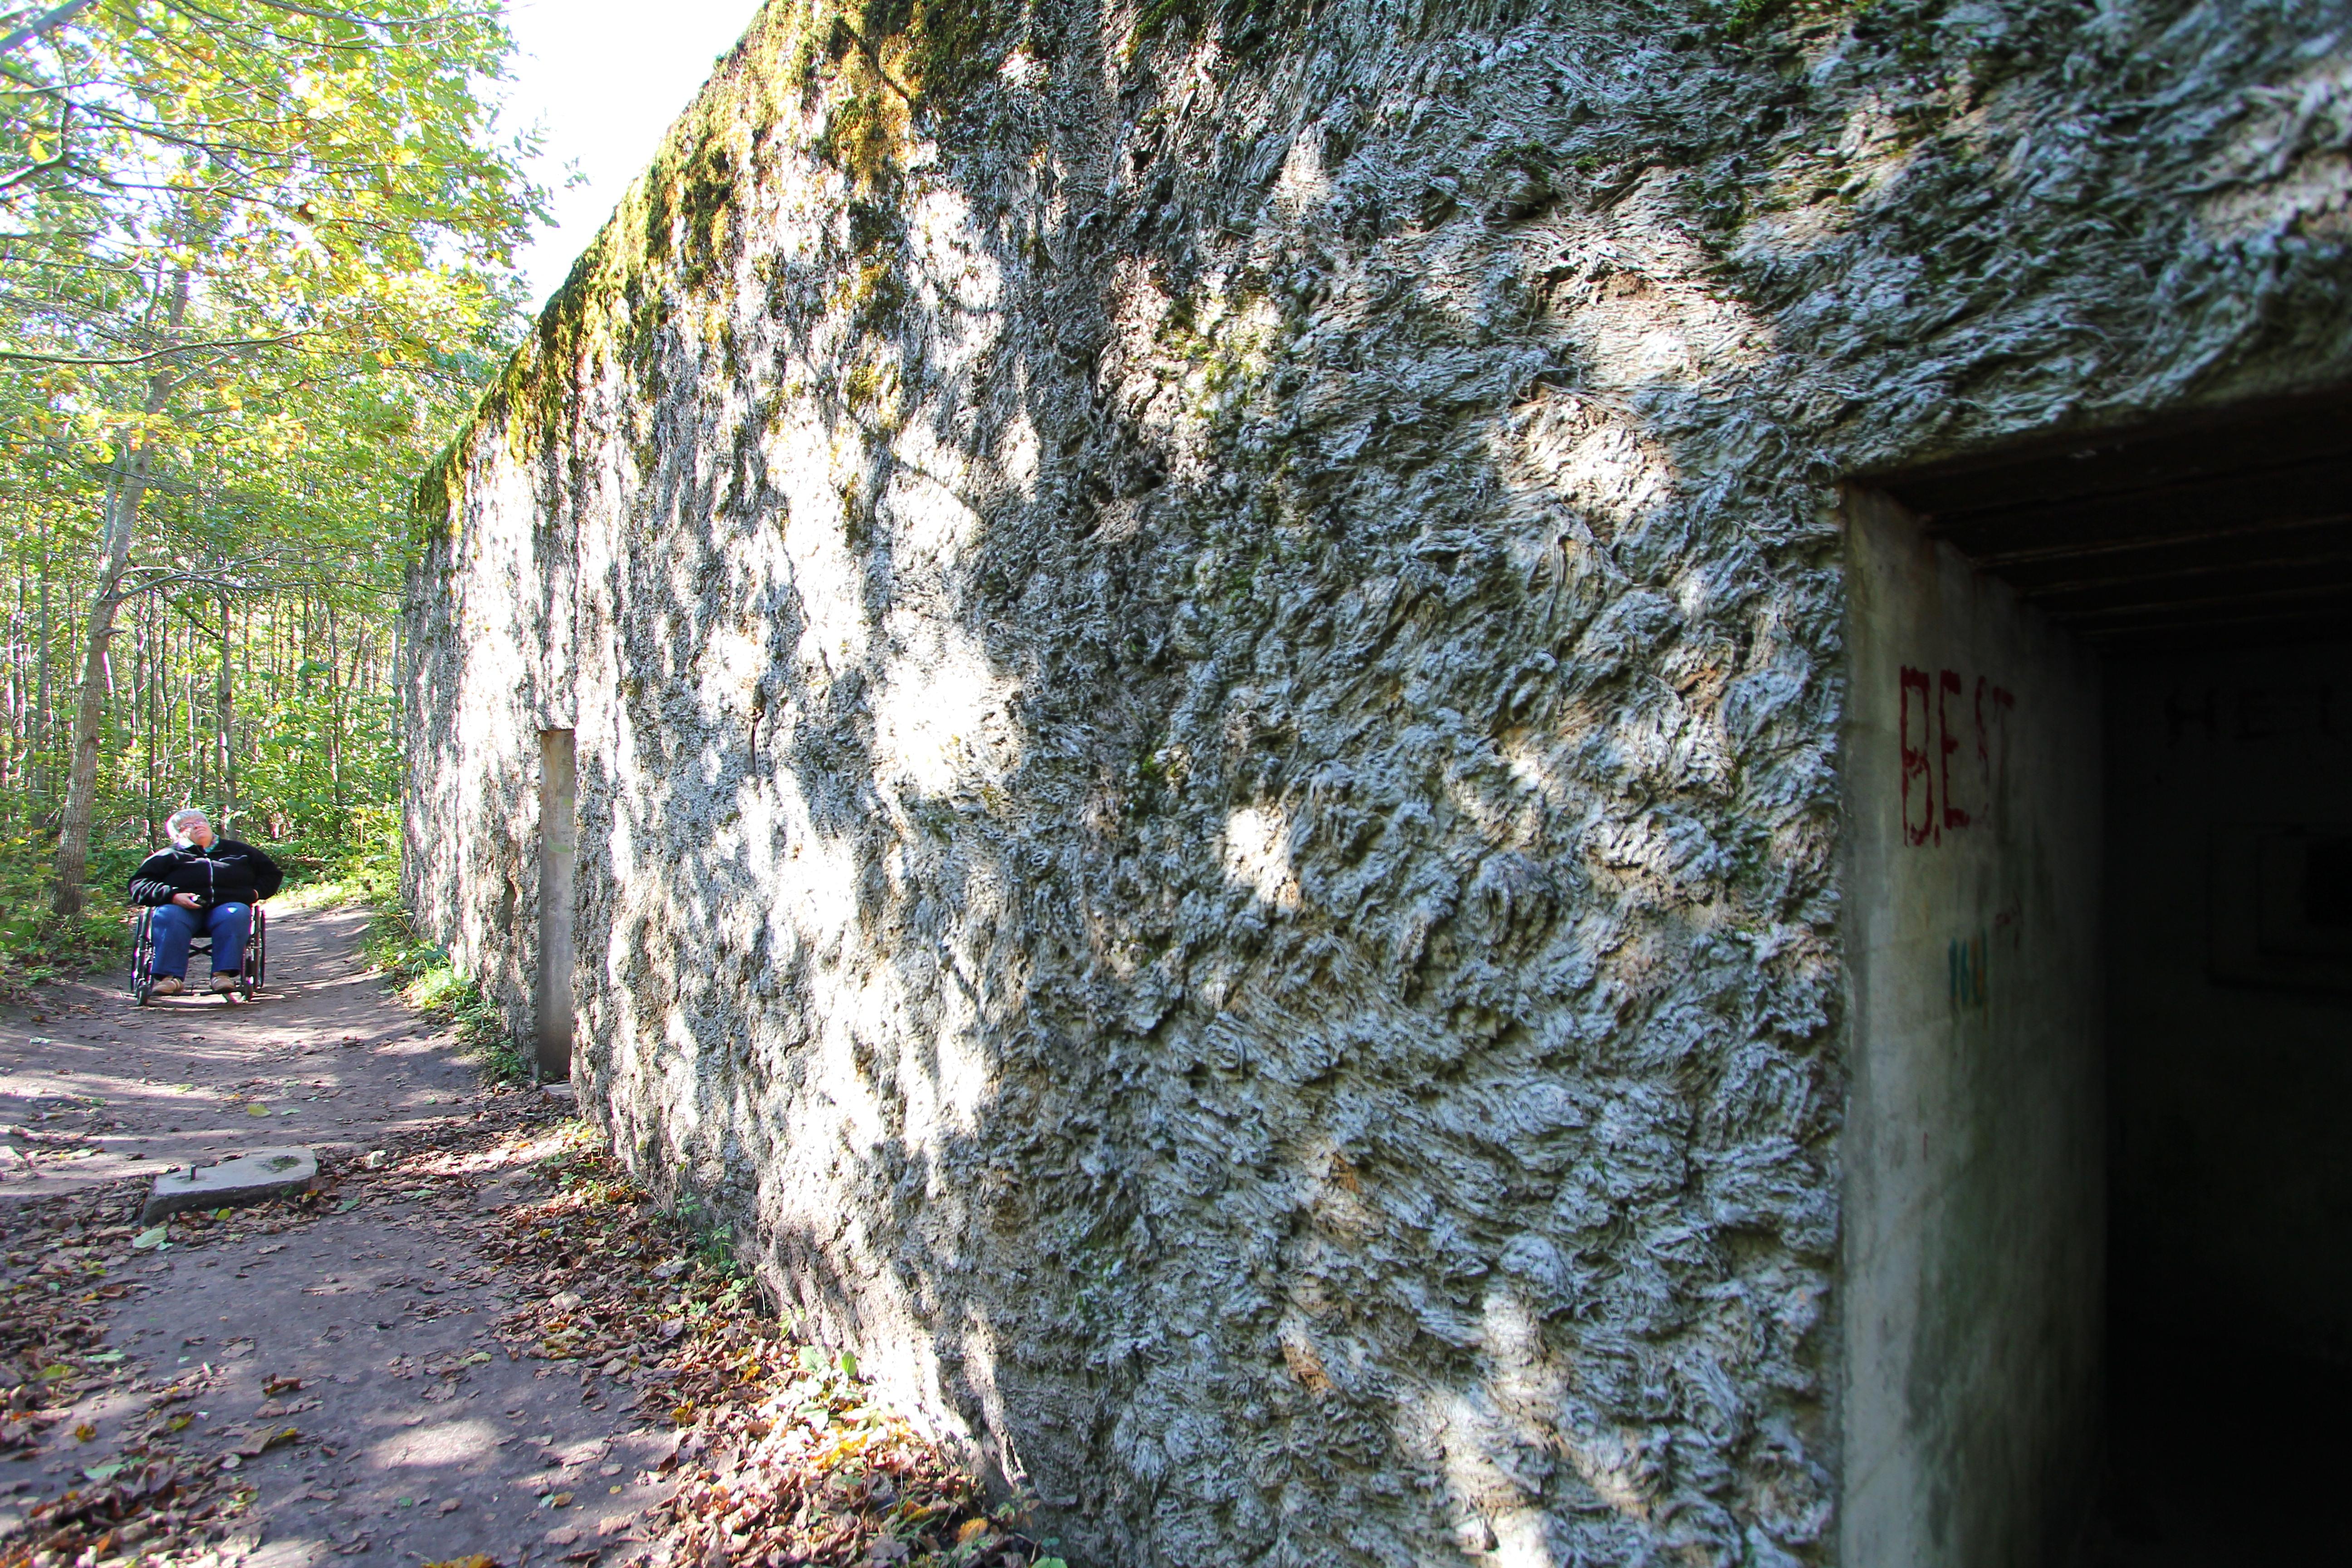 Her er nogle af bygninger blevet beklædt med søgræs for at vegetation nemmere kun gro og derved skjule de mange bunkers. Jan og Joan (Joan i kørestol) kunne også komme rundt og se de fleste ting.